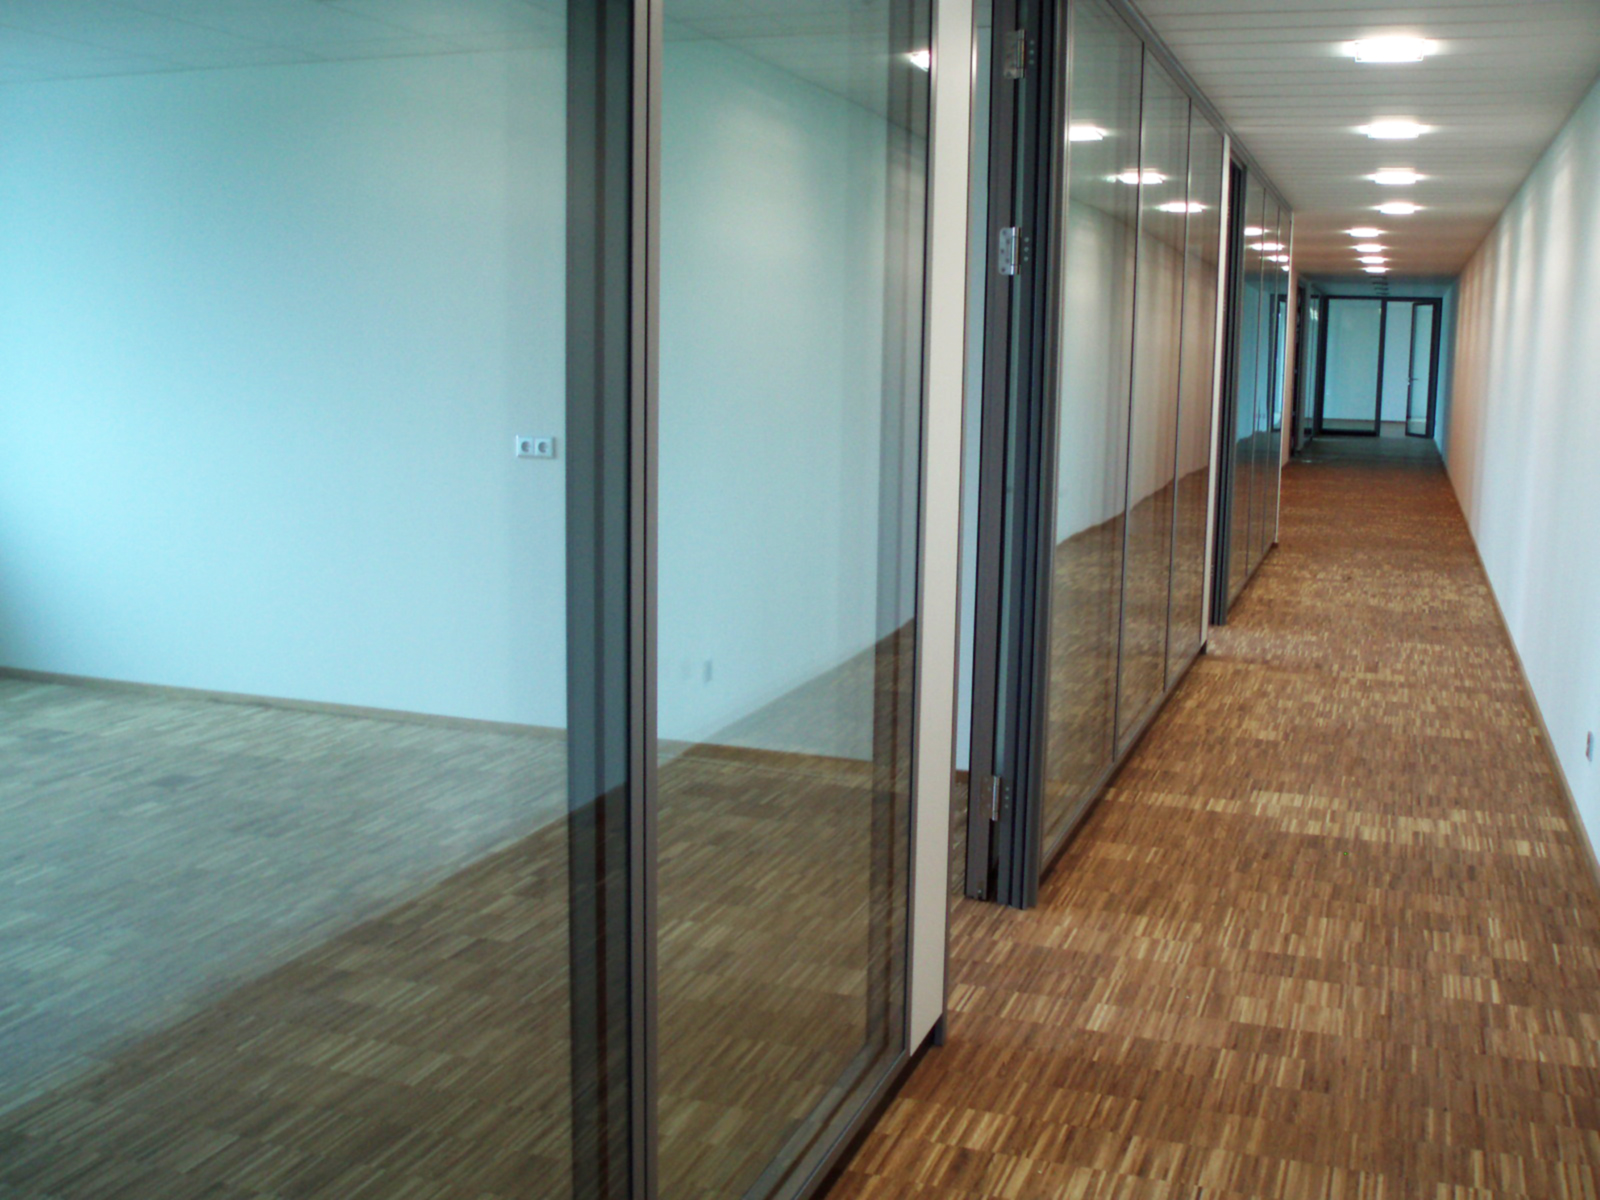 Dieses Bild zeigt den Flur zu den Büroräumen der Firma Münker